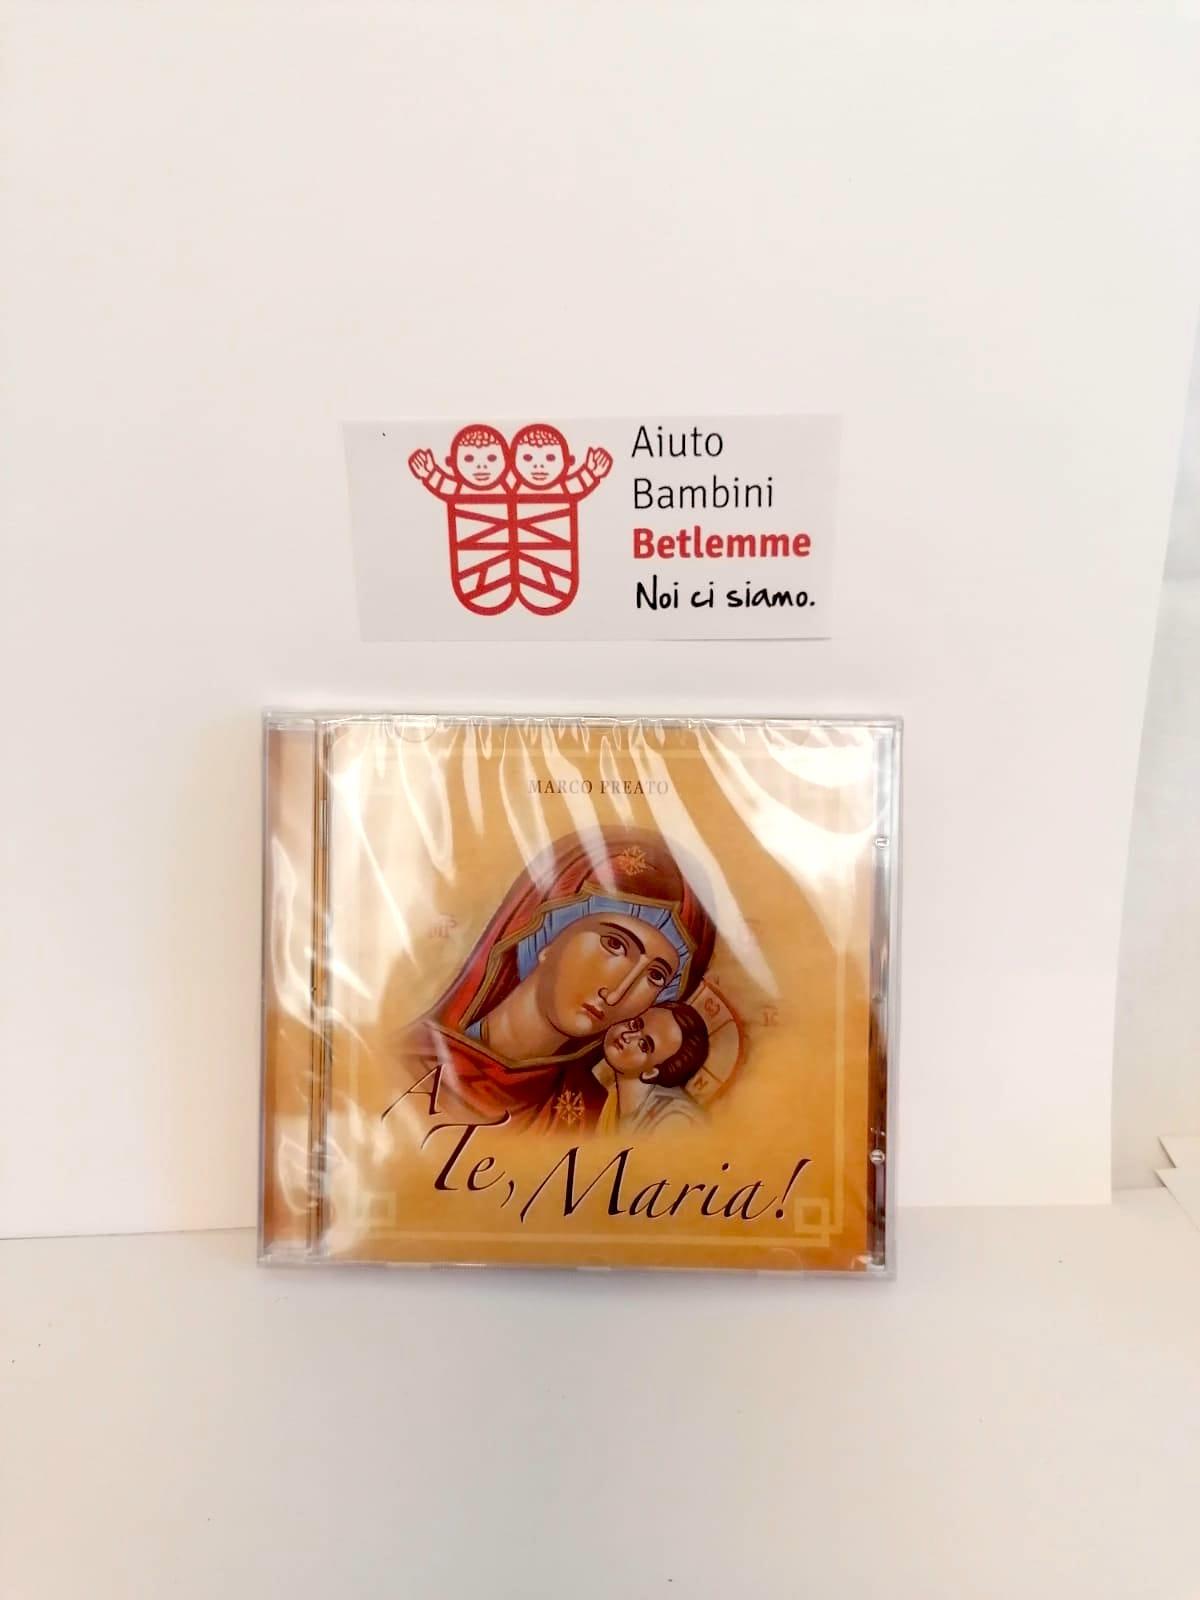 cd musica terra santa natale aiuto bambini betlemme